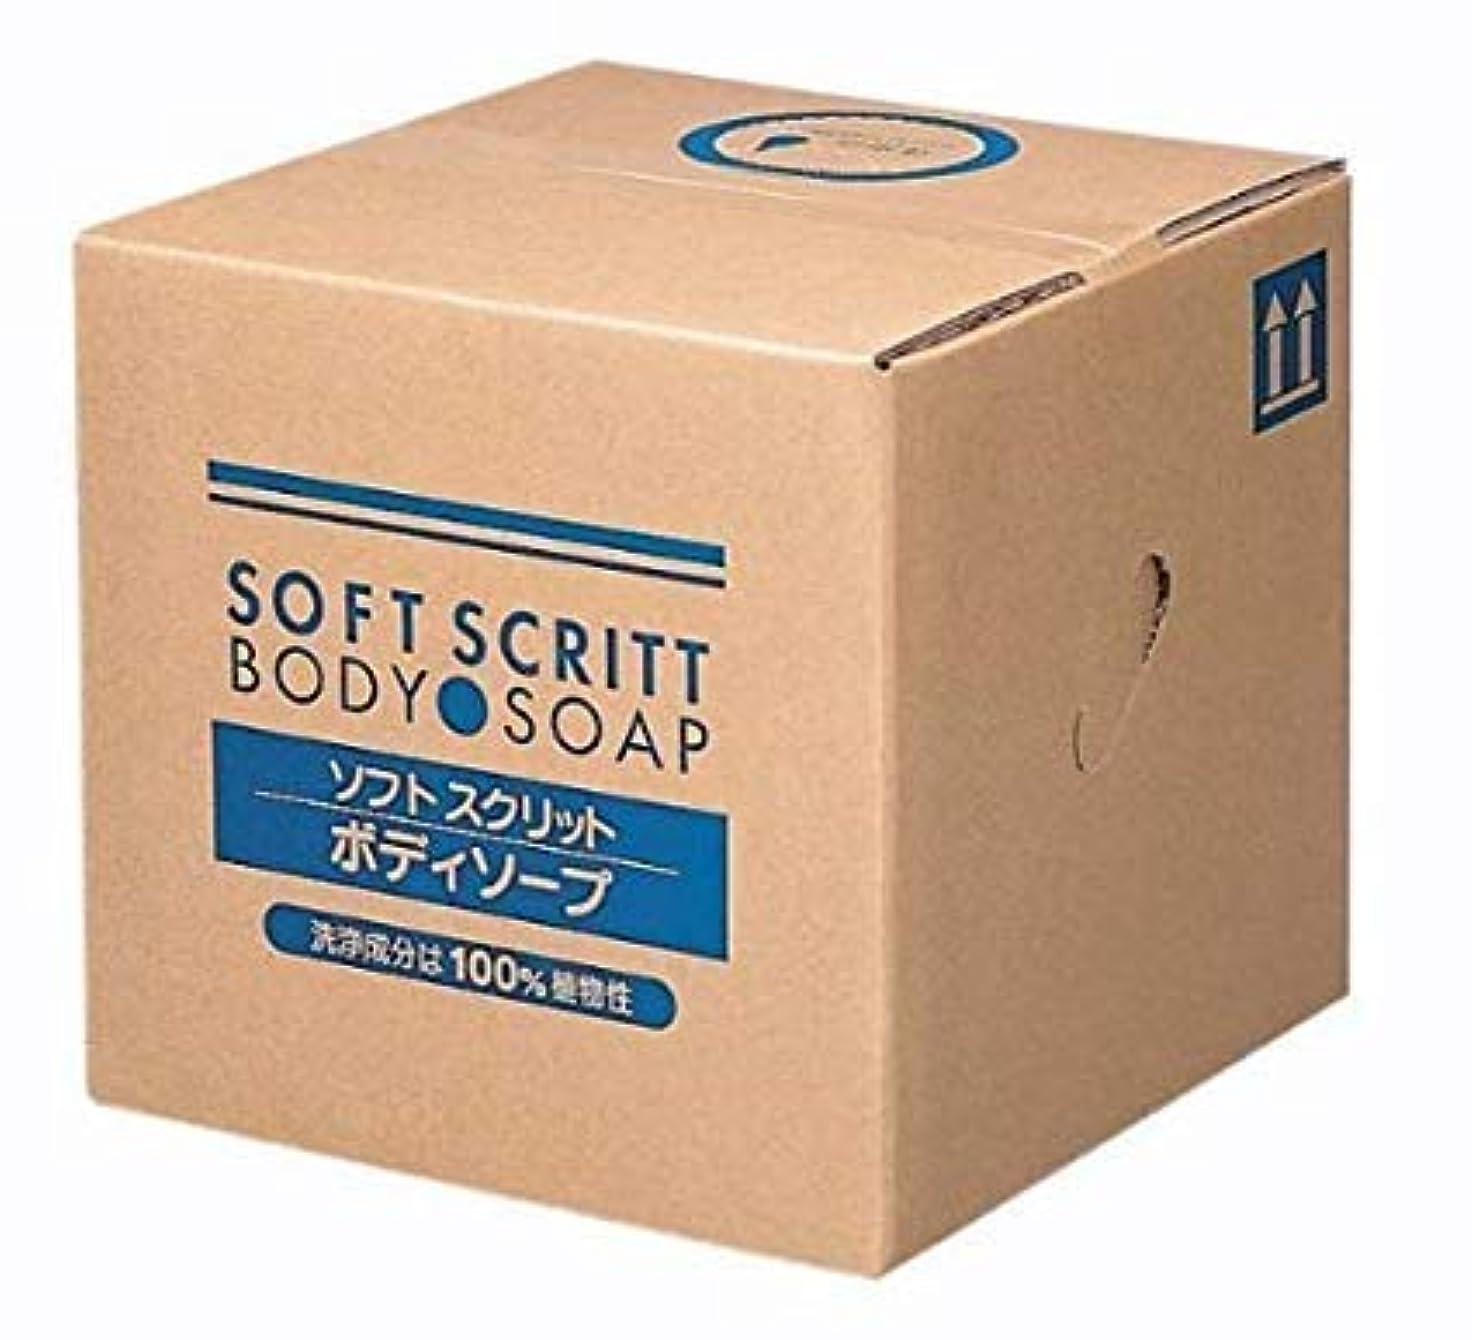 手荷物女性結婚式業務用 SOFT SCRITT(ソフト スクリット) ボディソープ 18L 熊野油脂 コック無し